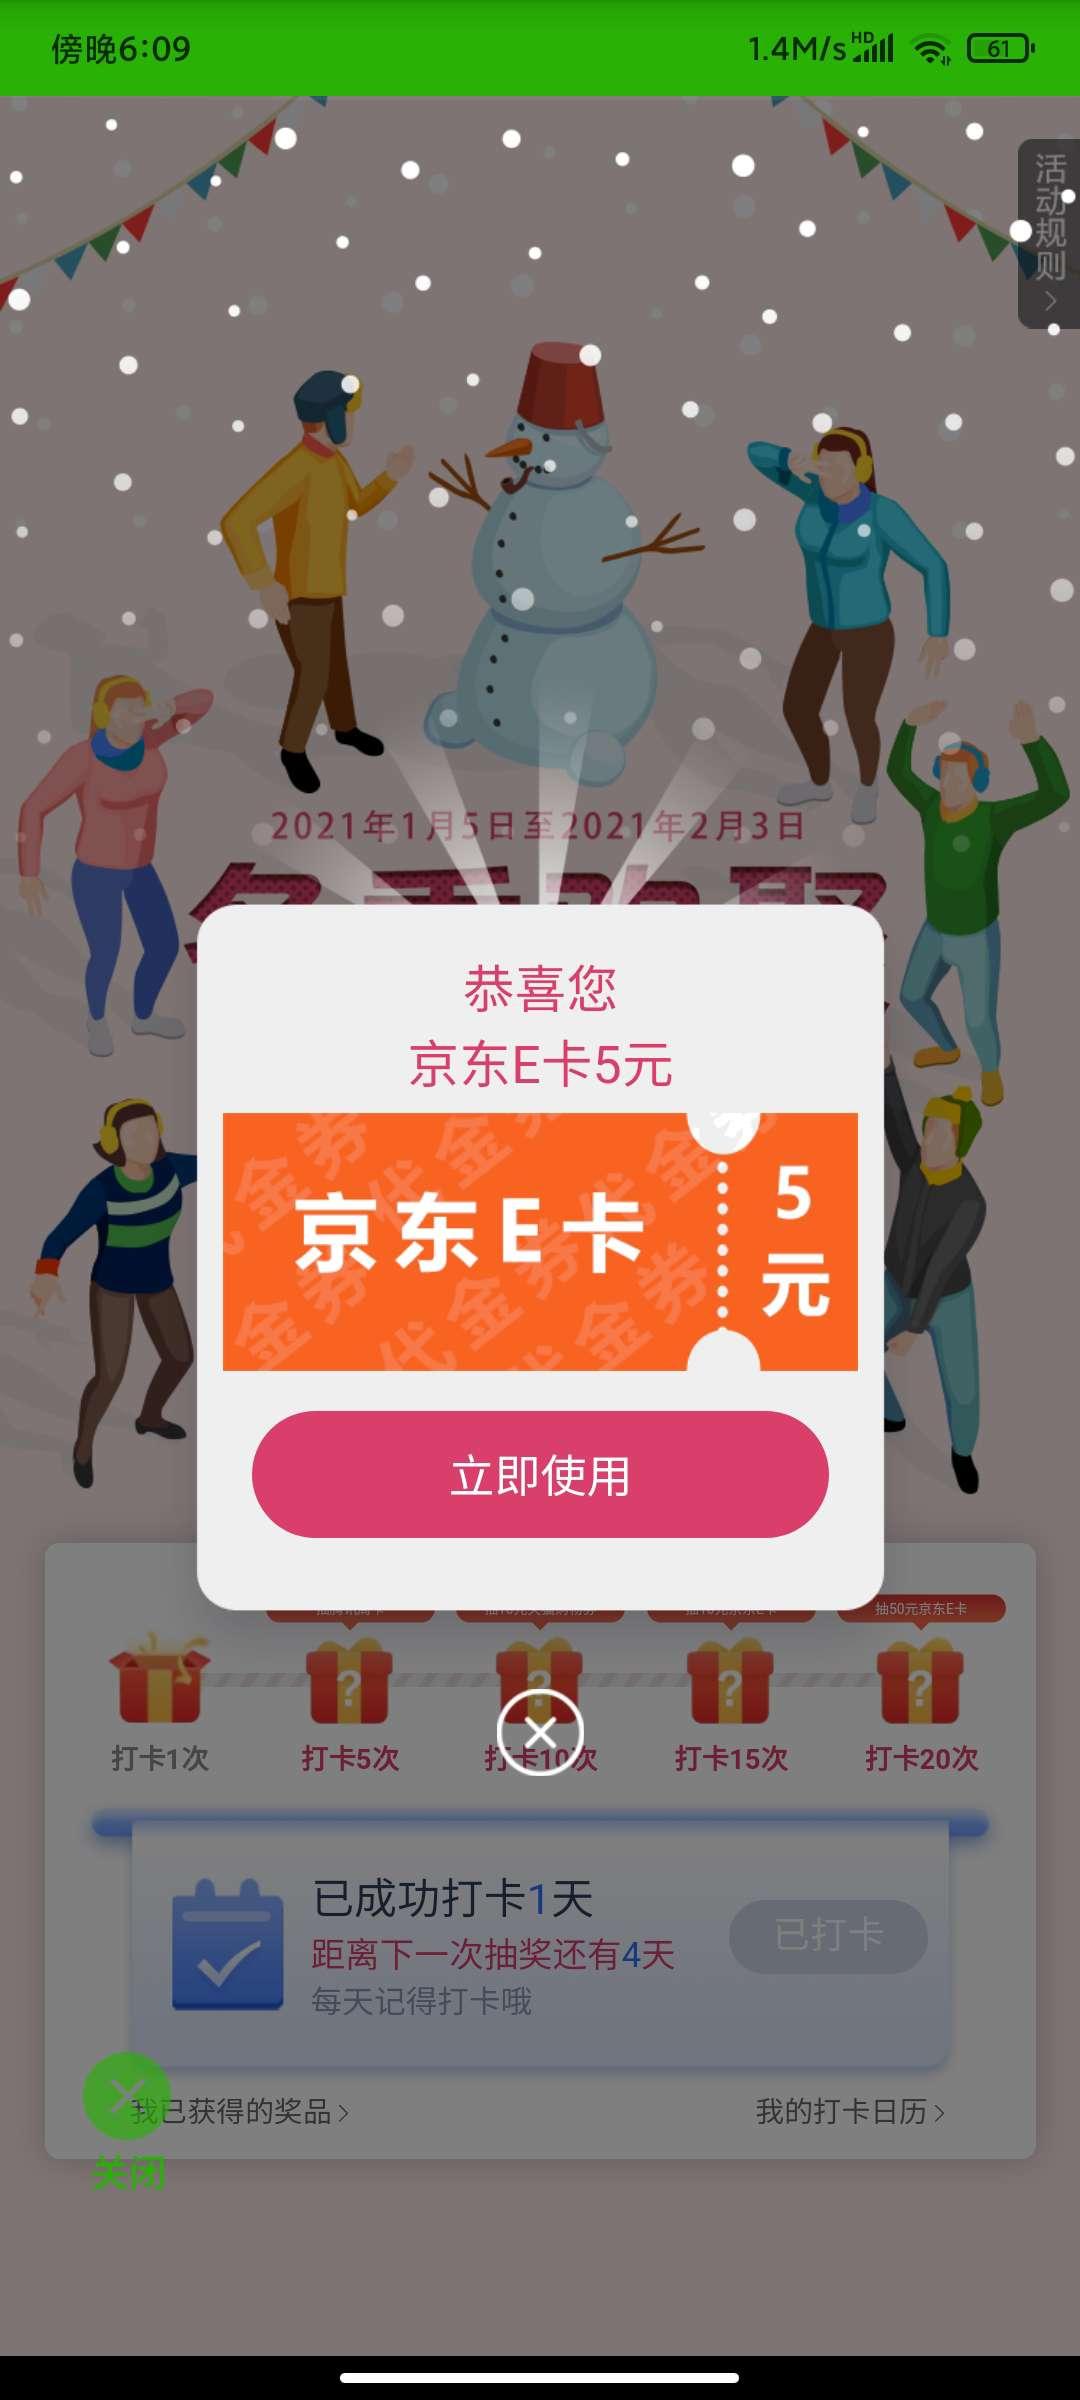 邮政银行app新一期打卡抽京东E卡插图2